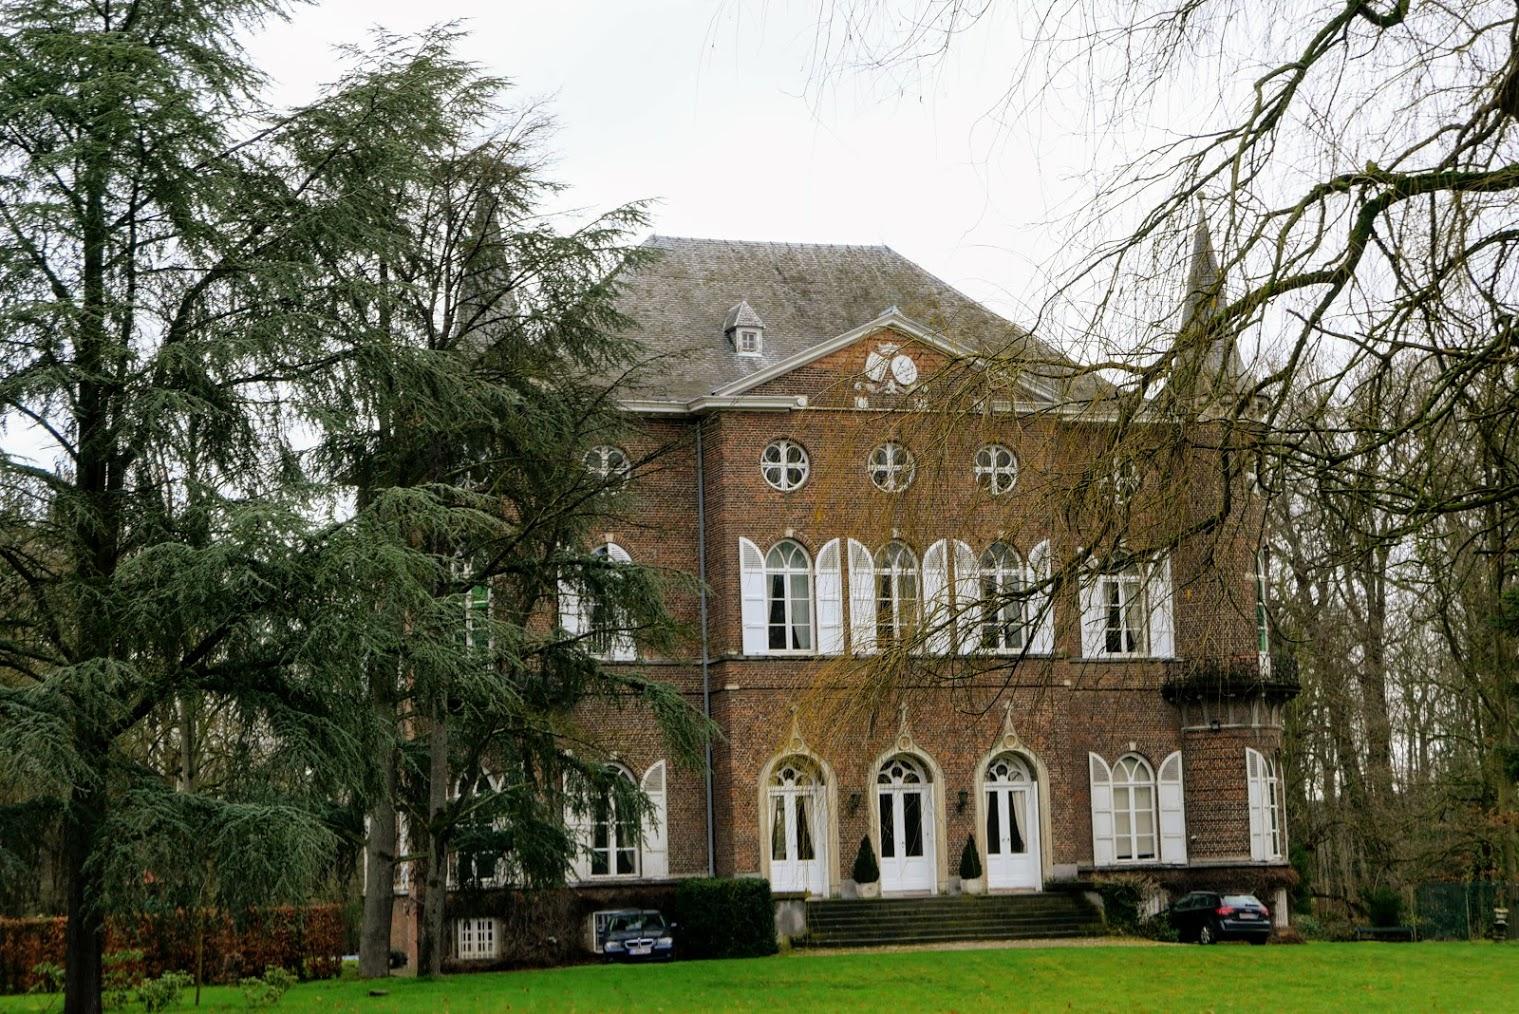 Het neoclassicistisch kasteel Hollaken in Rijmenam tussen de Dijle en de Hollakenbeek. Dateert van circa 1832.